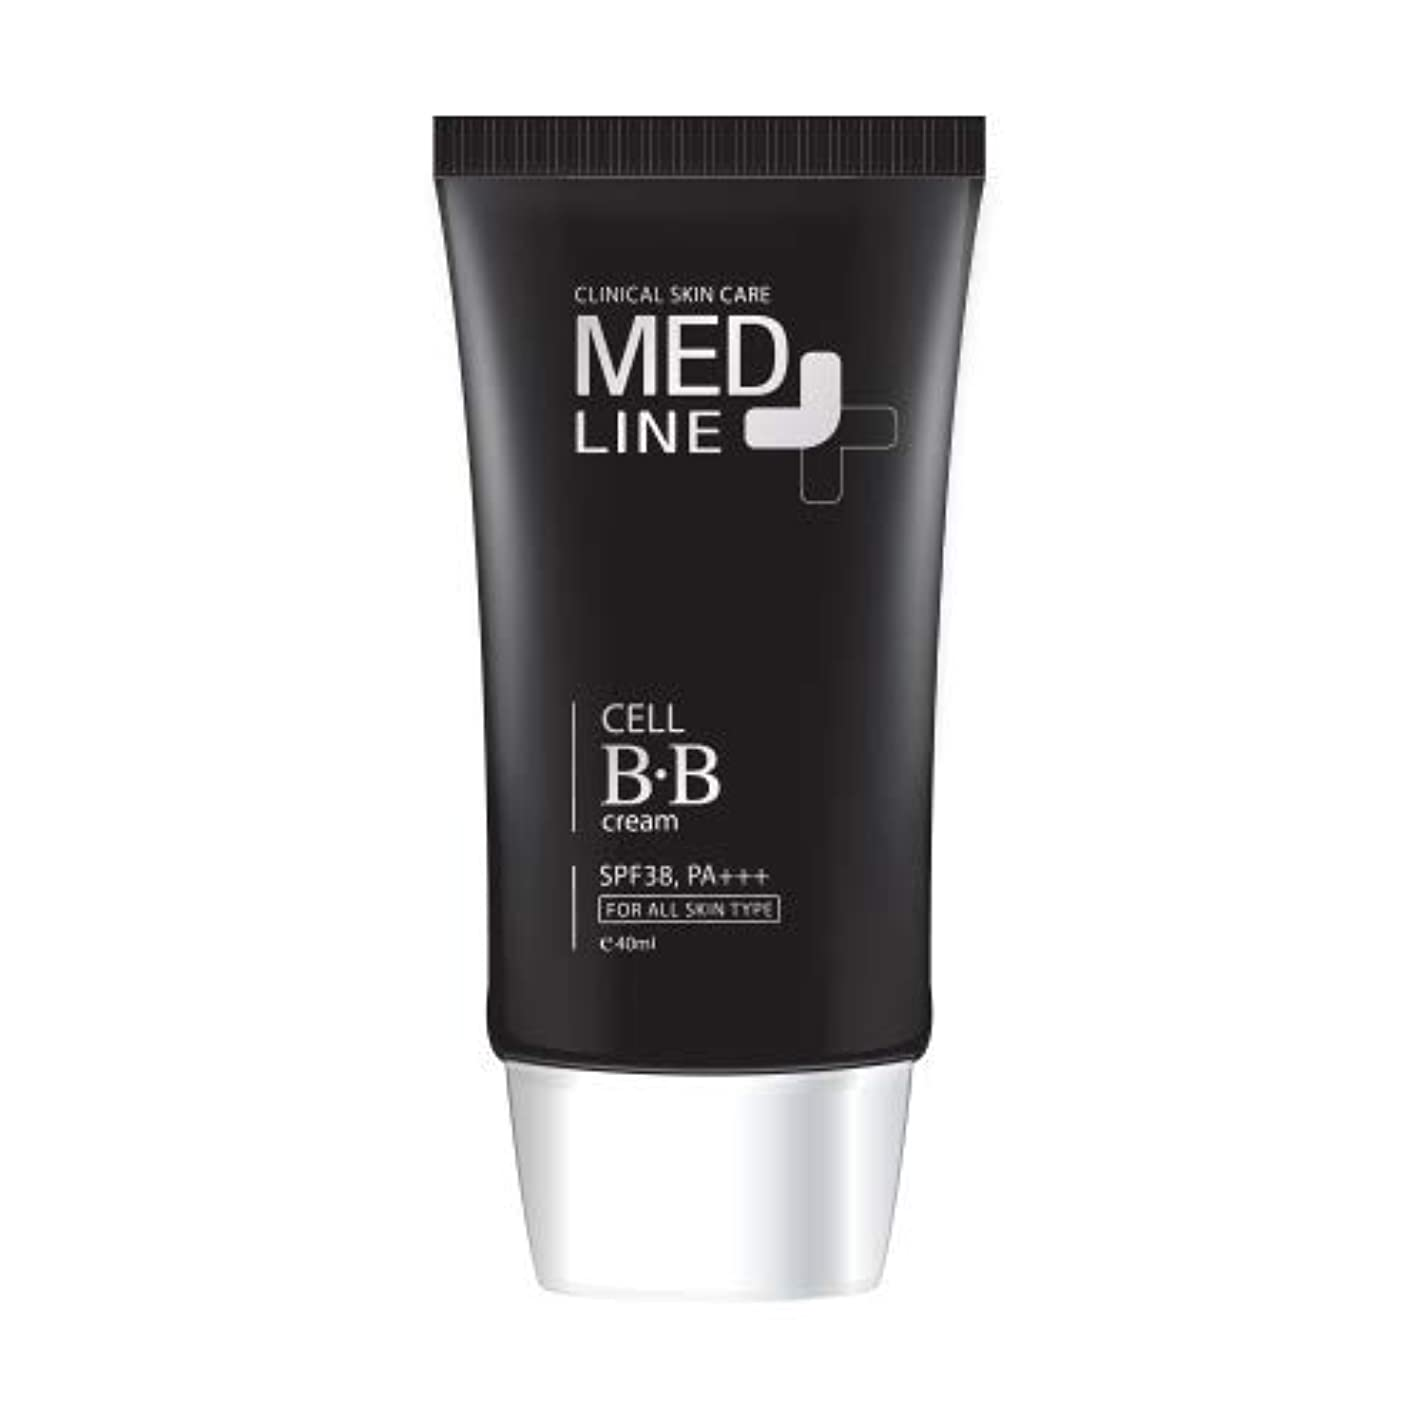 クリスチャン不倫トライアスリートメドライン(Med Line) セルBBクリーム(Cell B.B Cream)